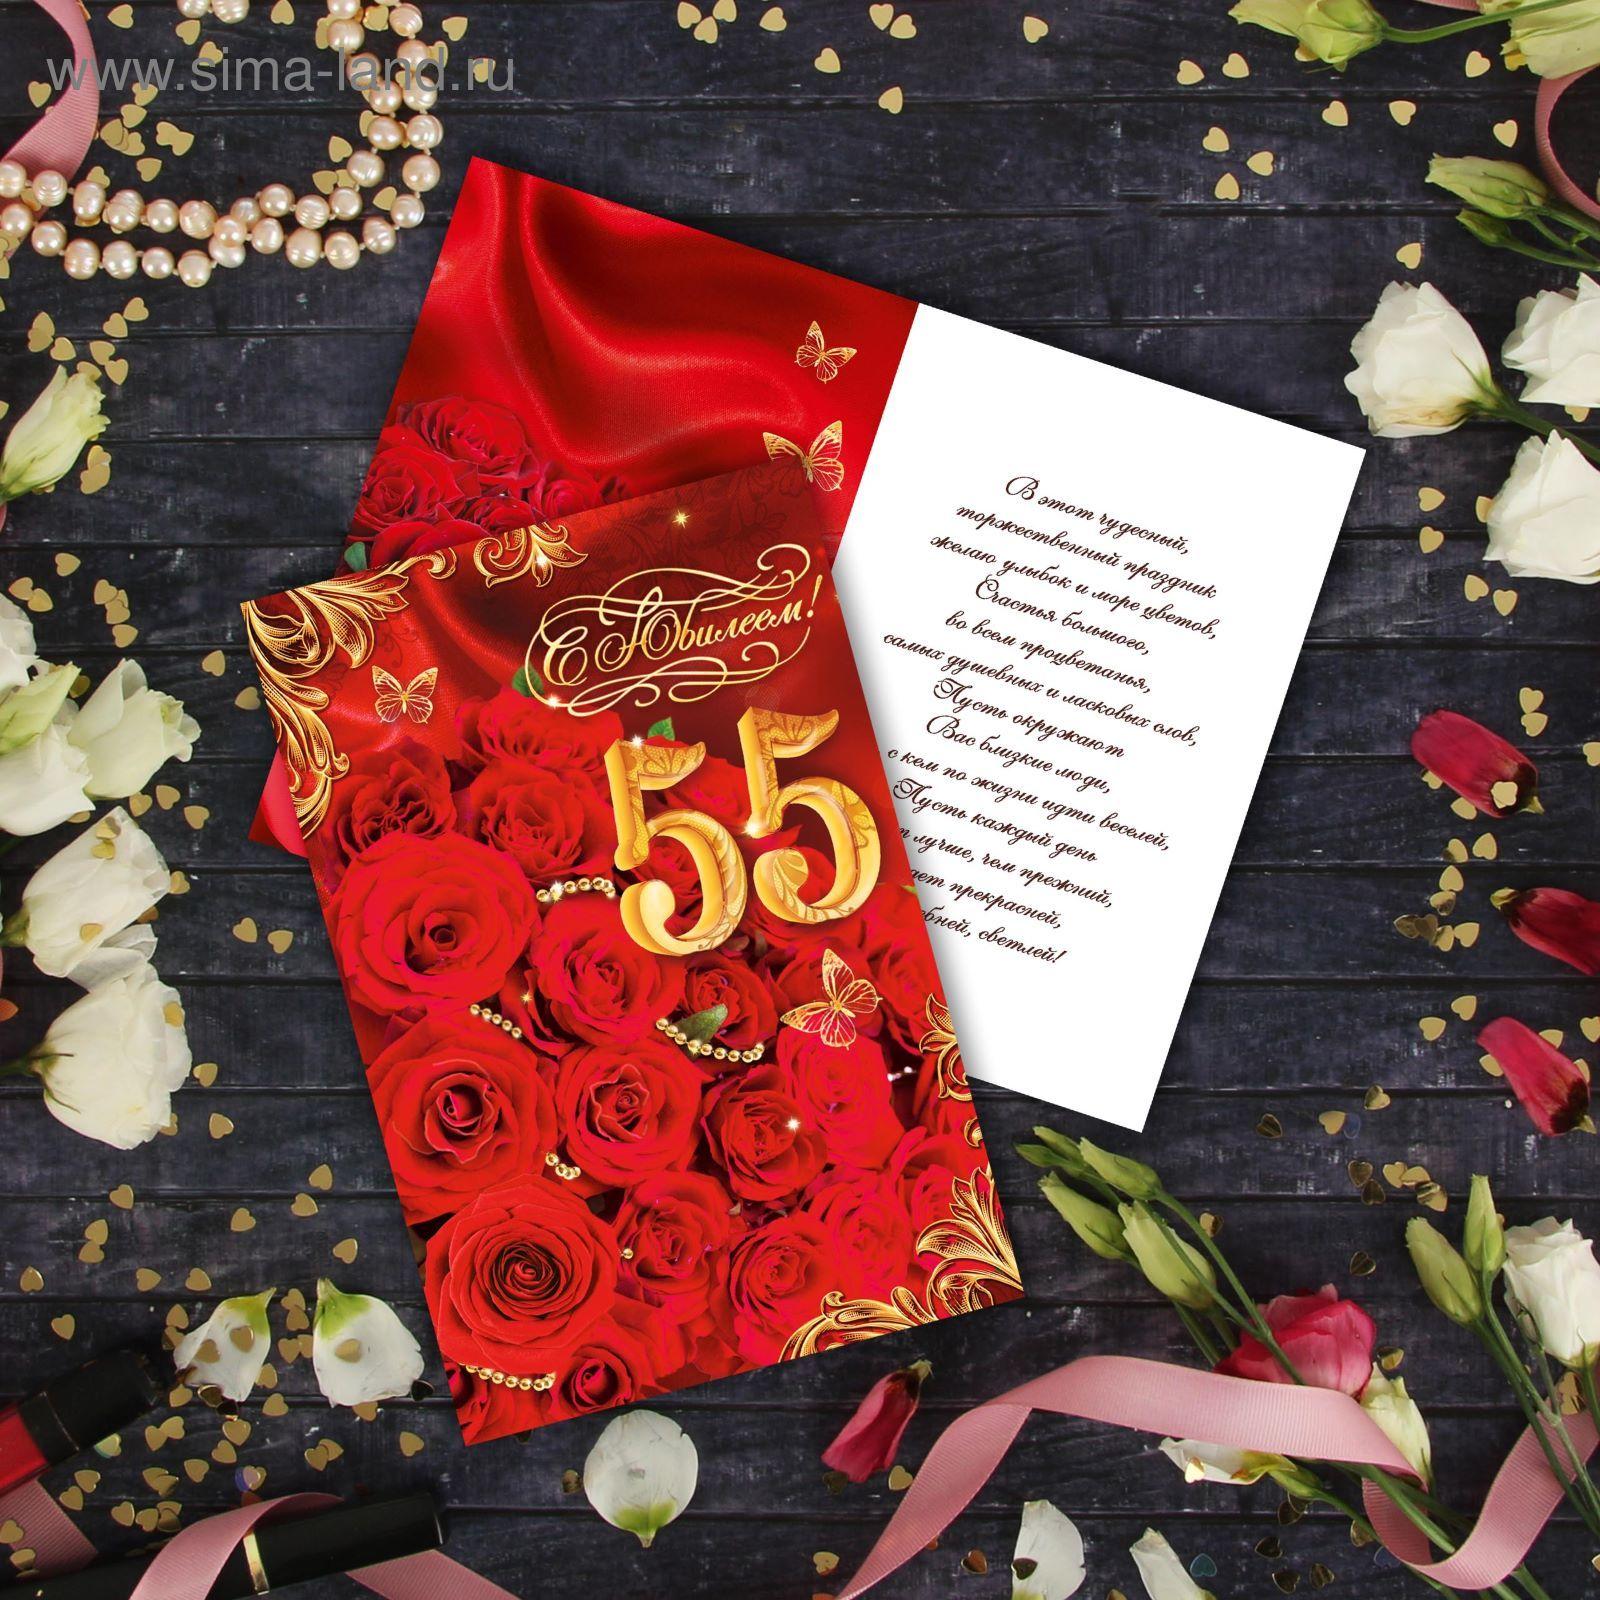 Вербным, открытки с фото на 55 лет